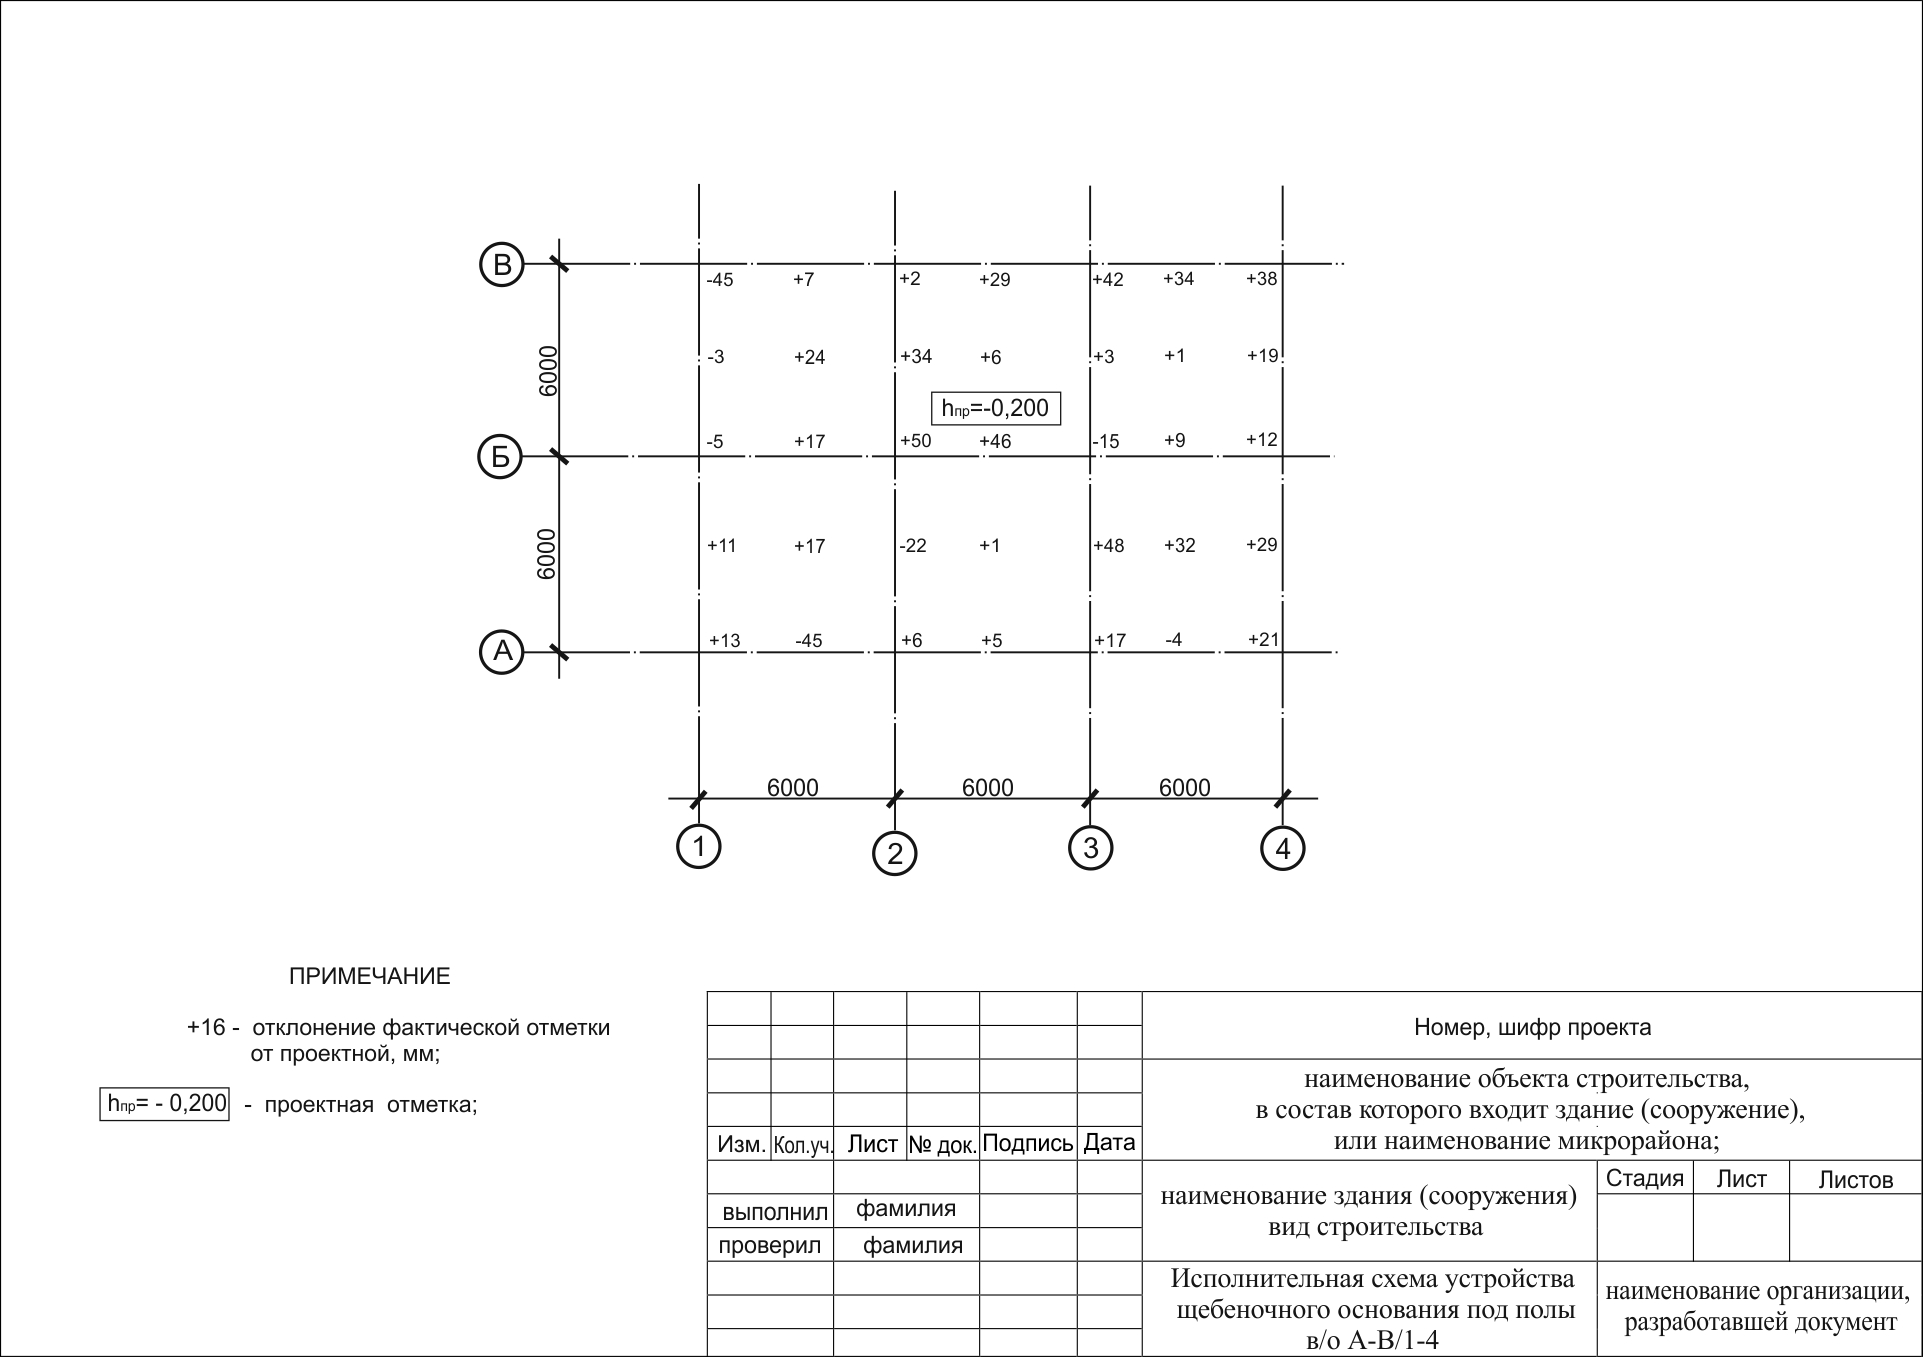 исполнительная схем в строительстве